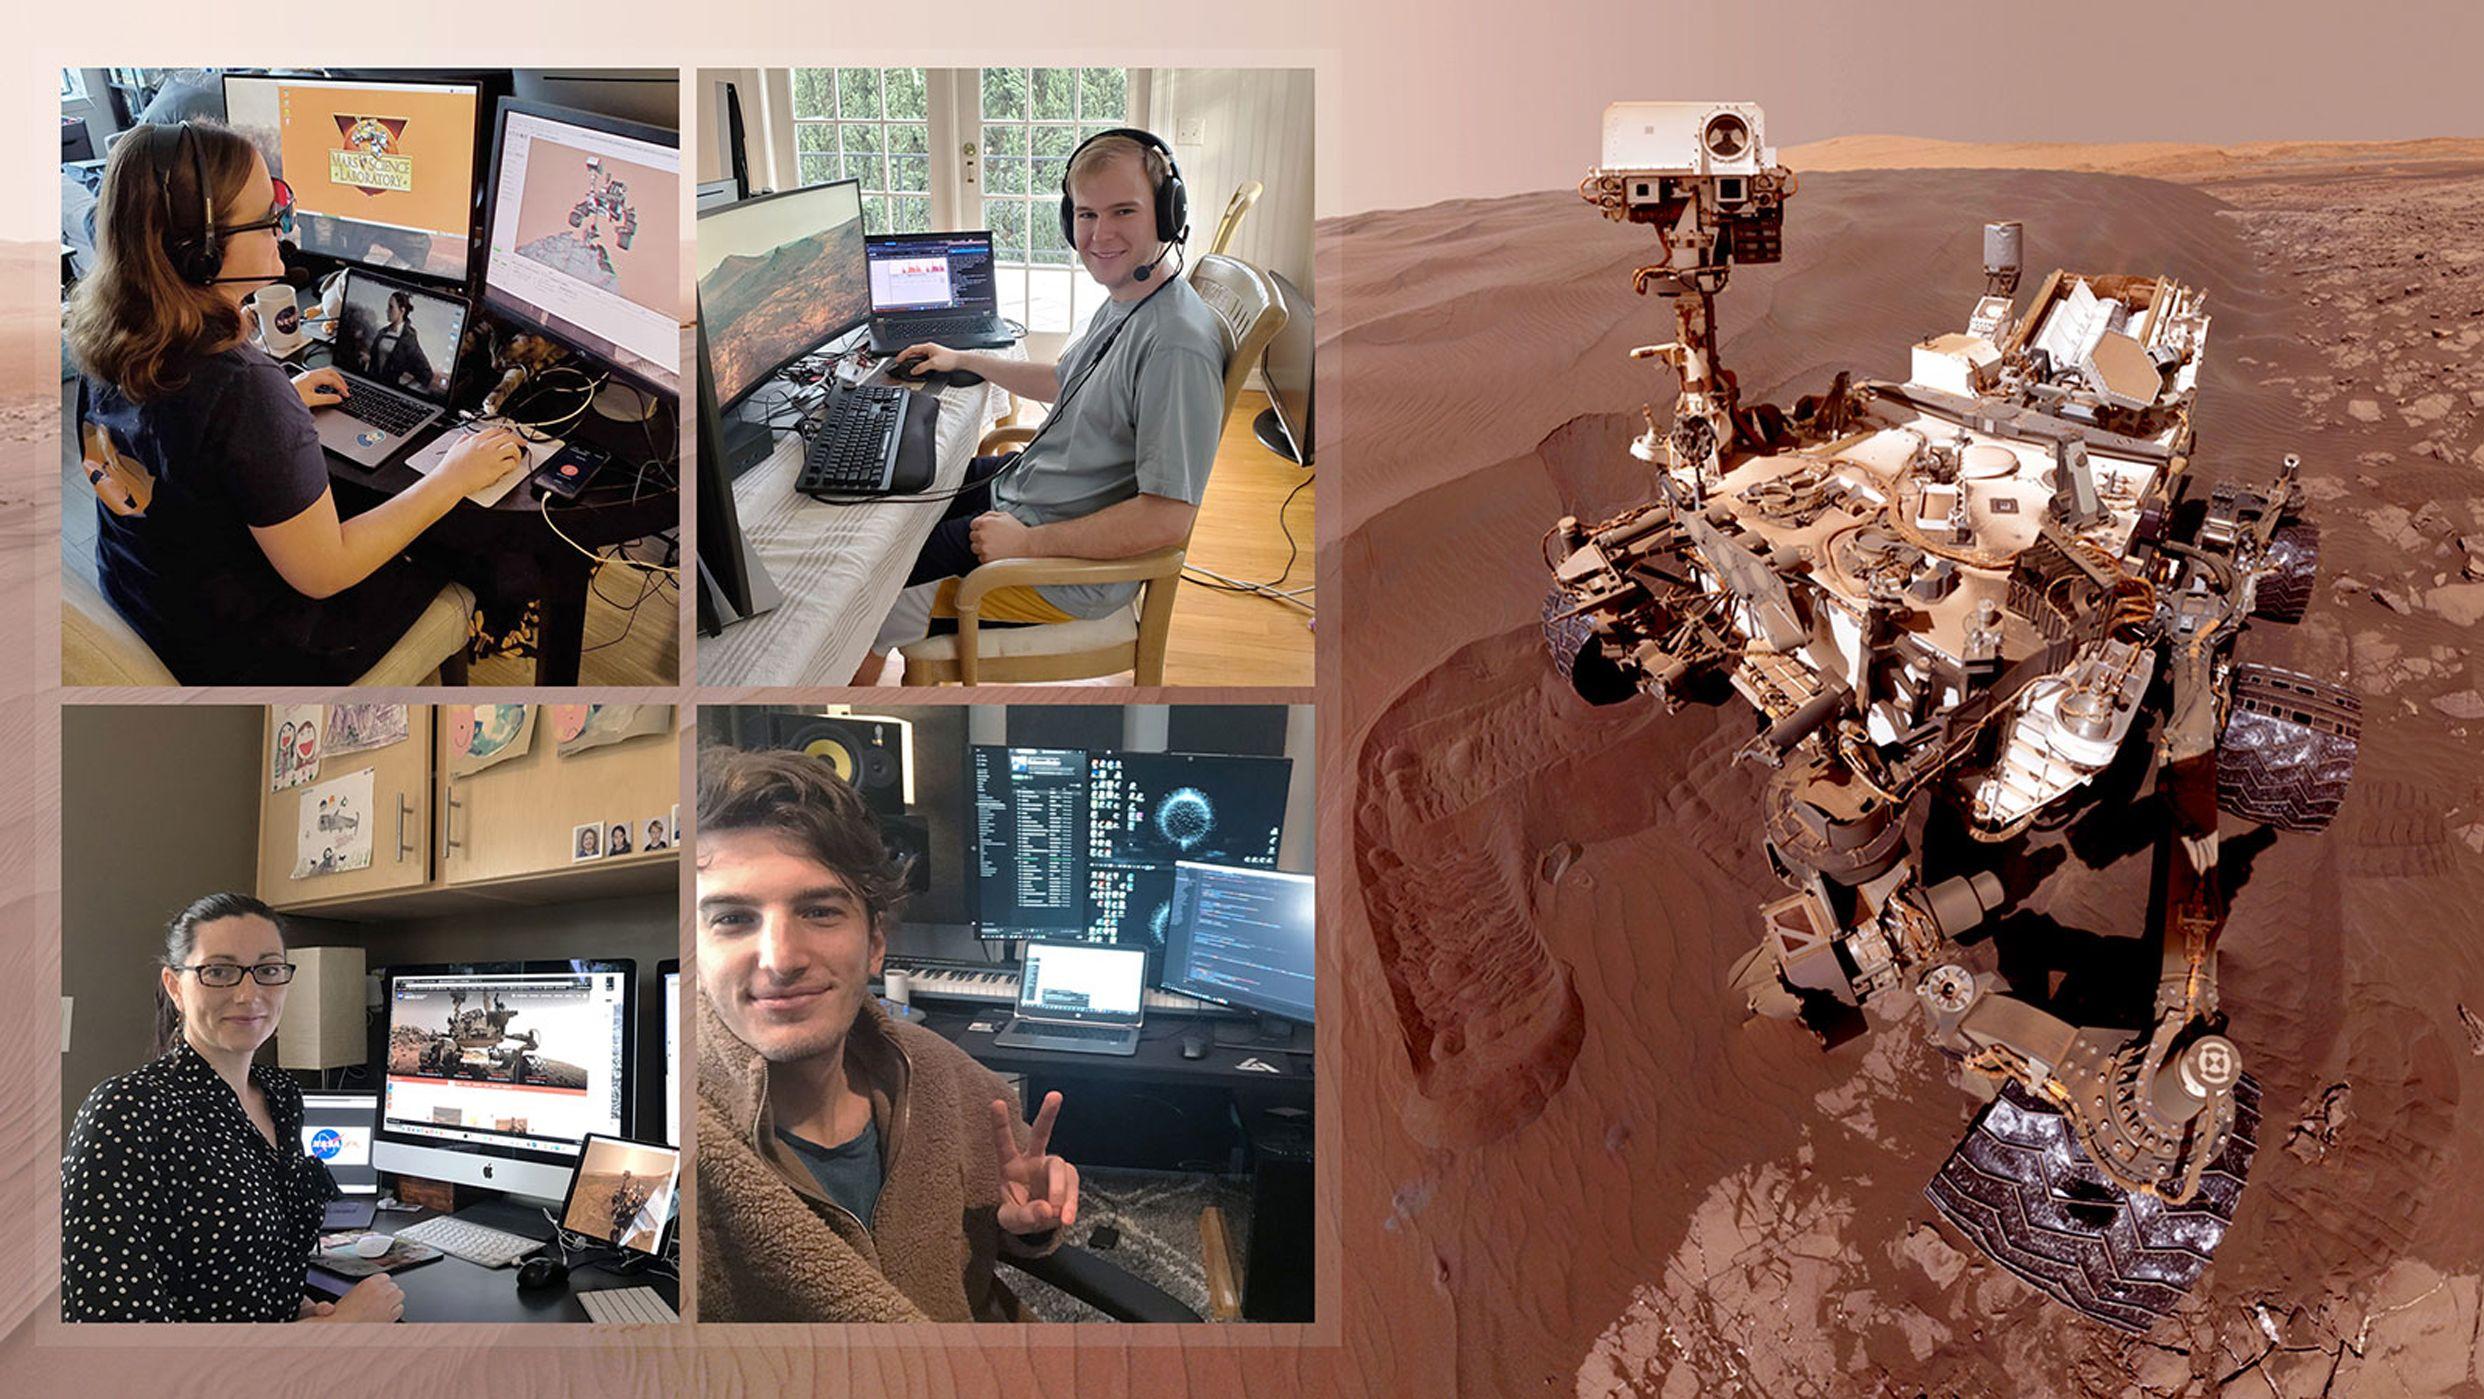 Mitarbeiter der NASA steuern den Mars Rover aus dem Homeoffice